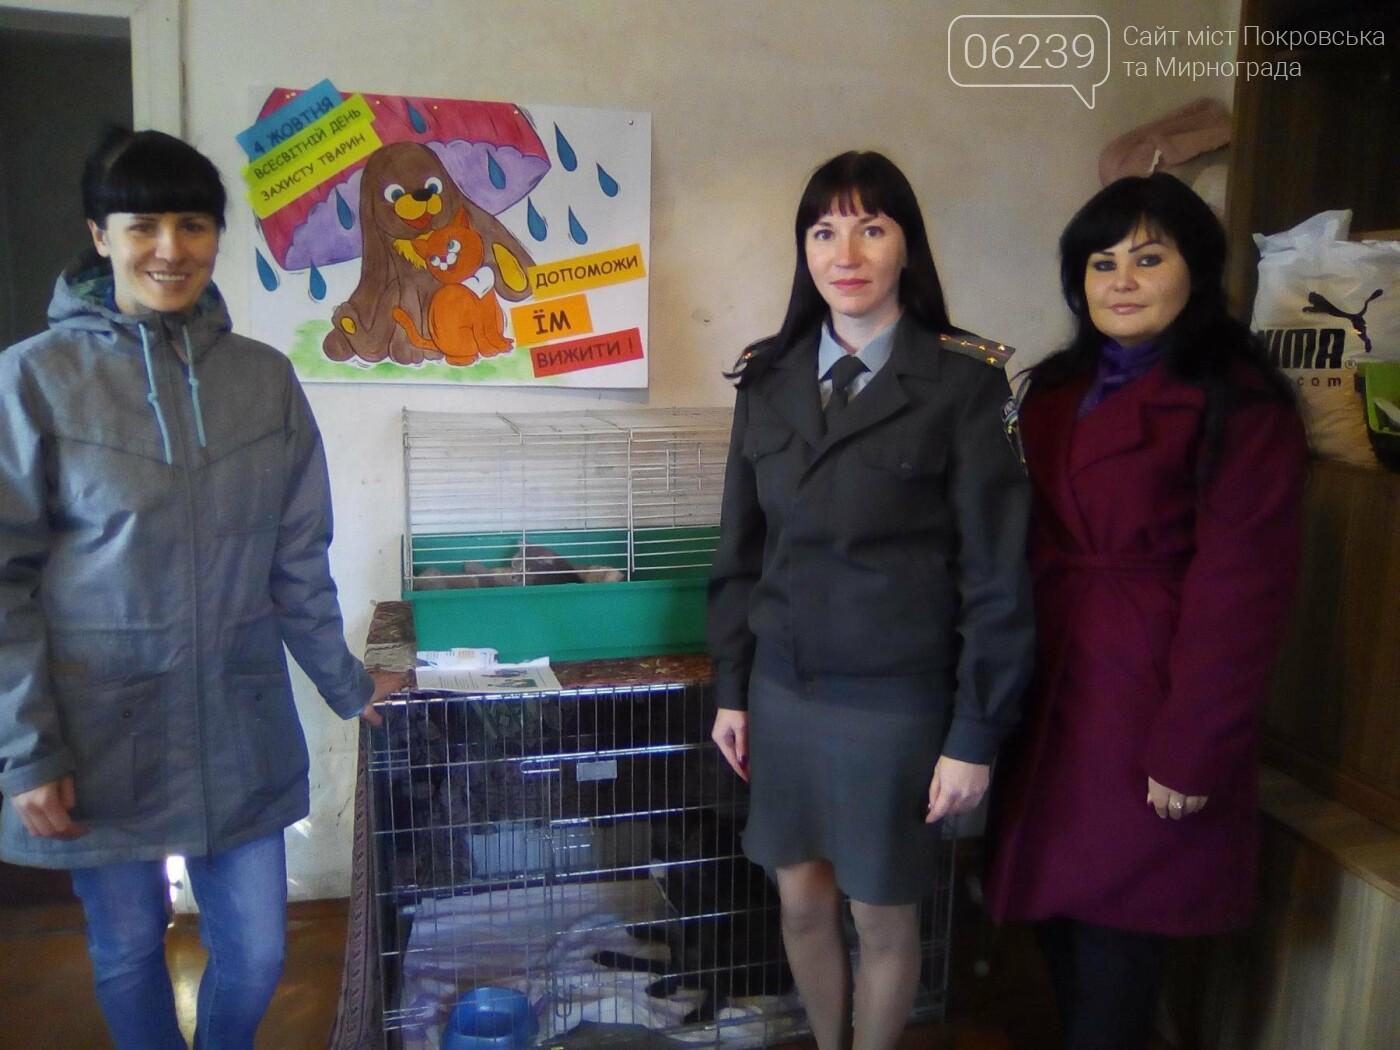 Співробітники Покровського МРВ з питань пробації з підобліковими відвідали «Покровське товариство захисту тварин», фото-1